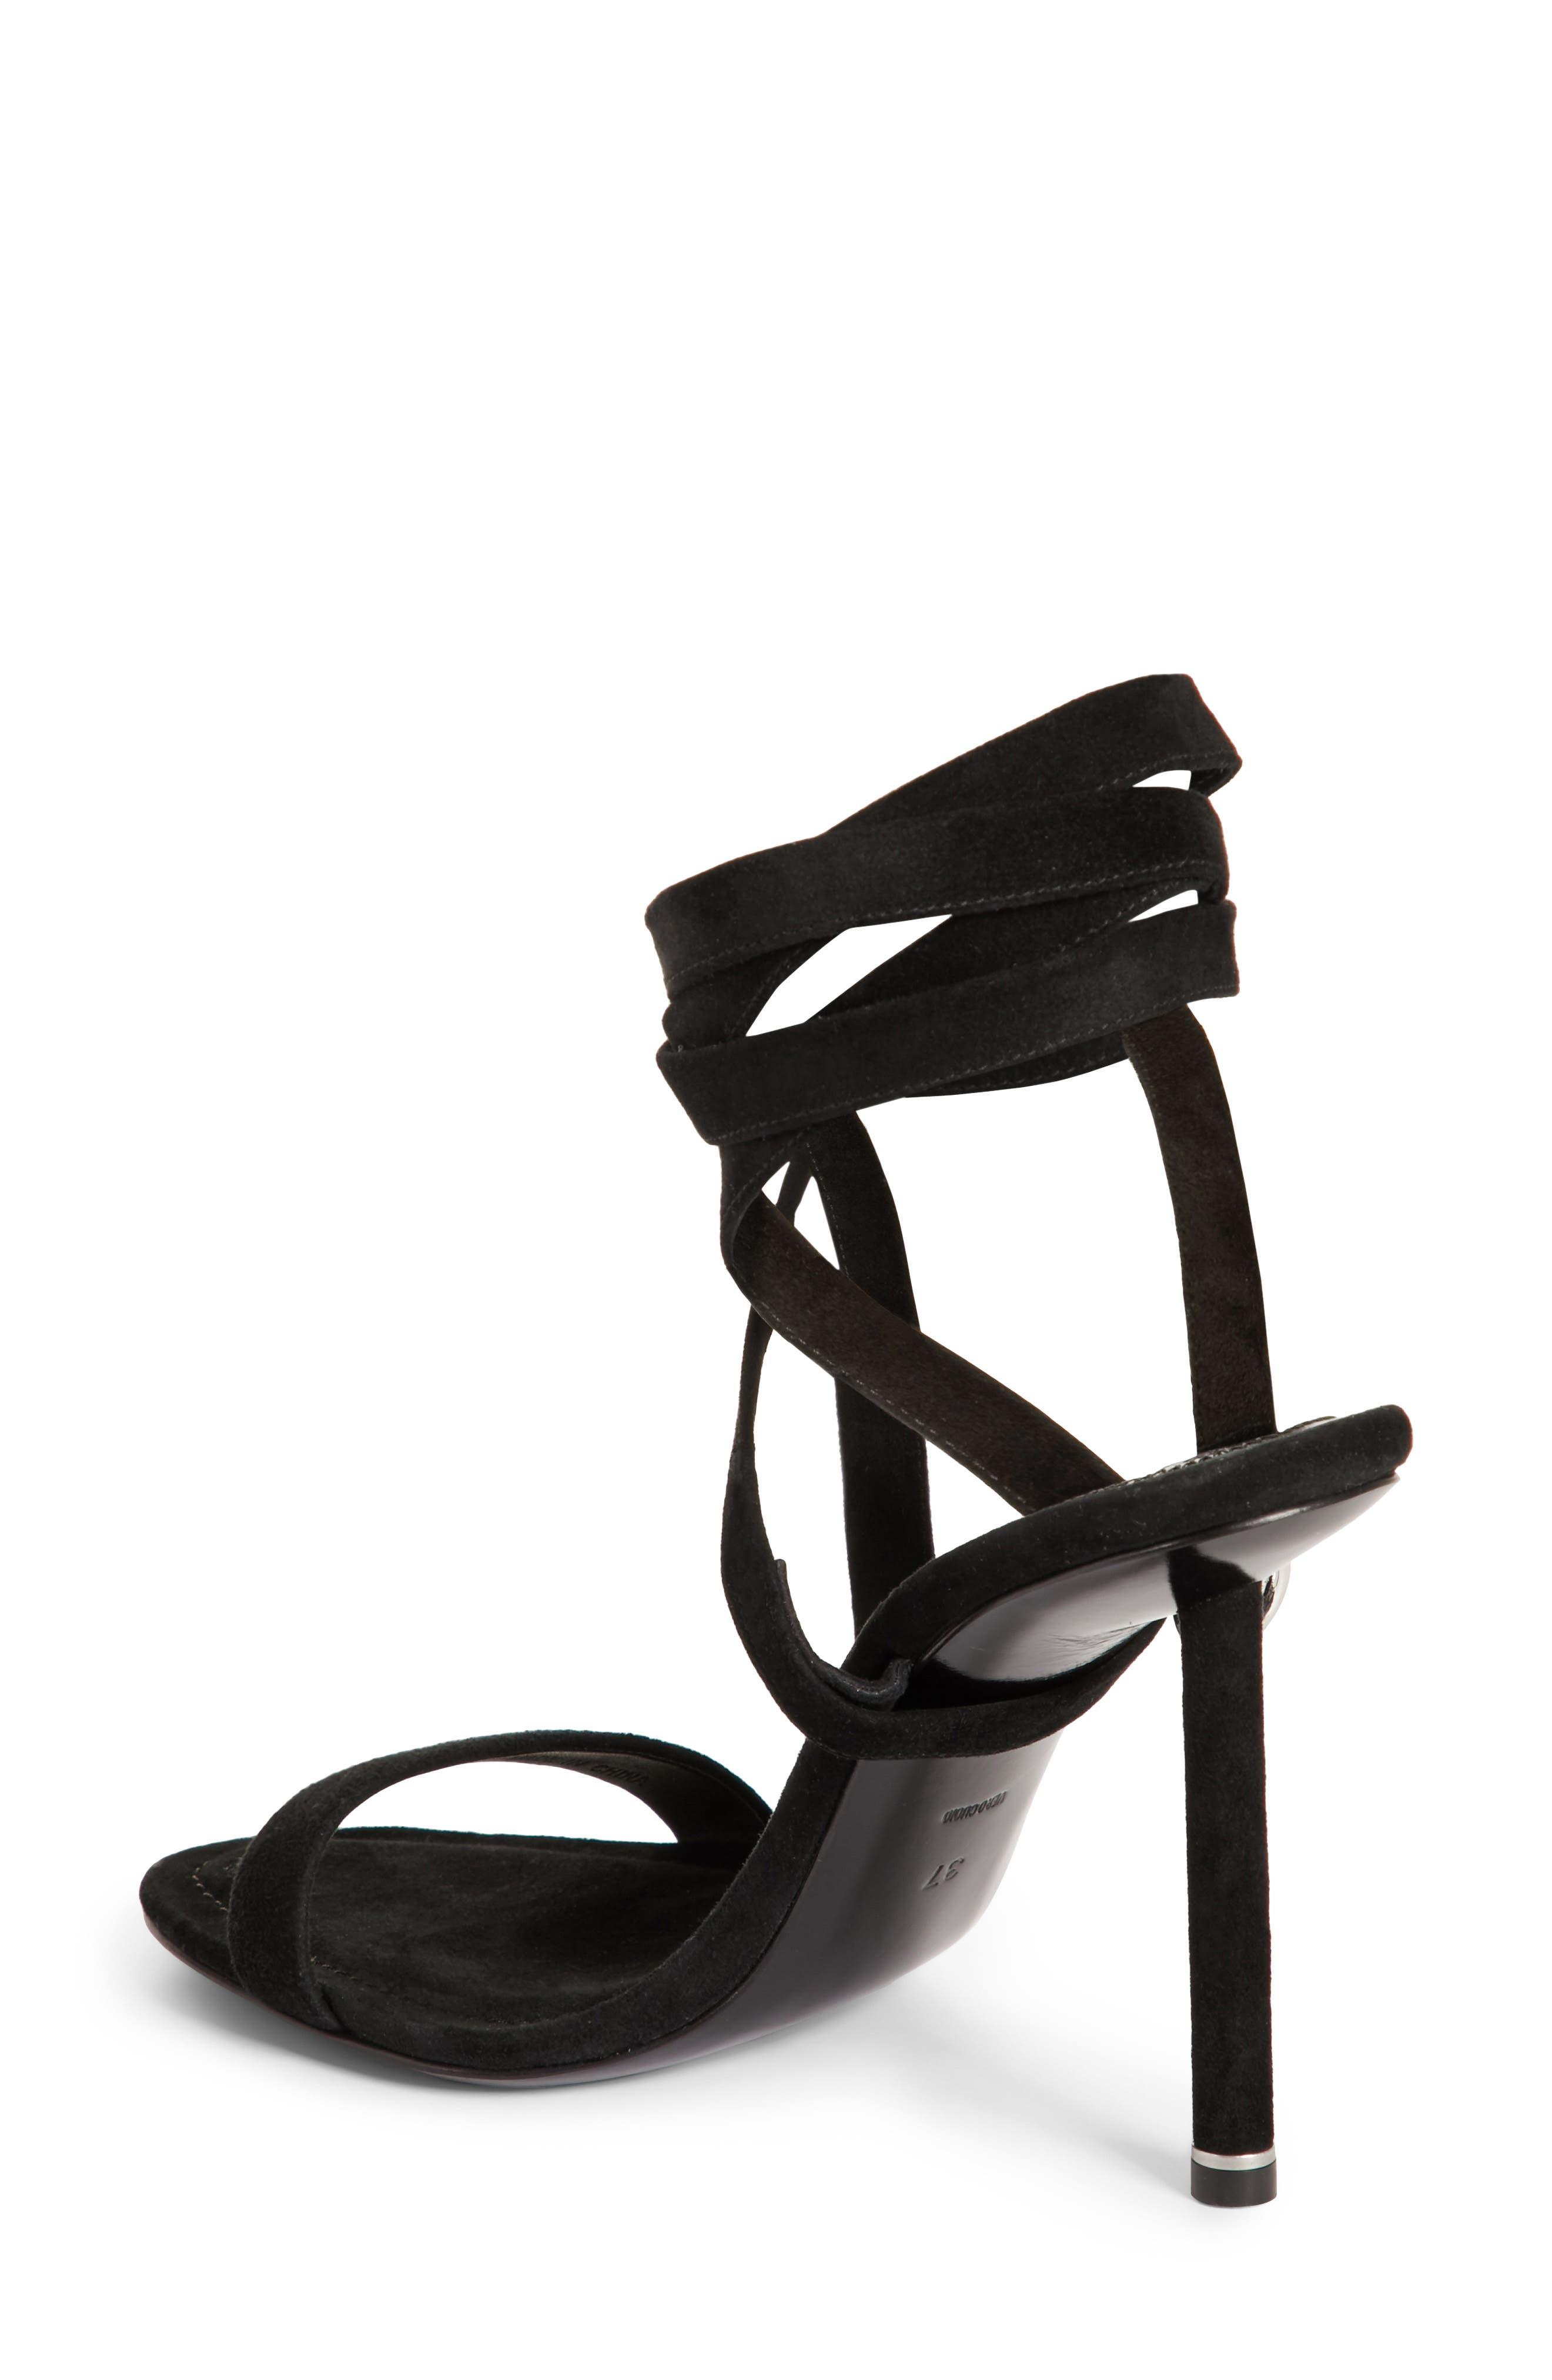 Evie Ankle Tie Sandal,                             Alternate thumbnail 2, color,                             Black